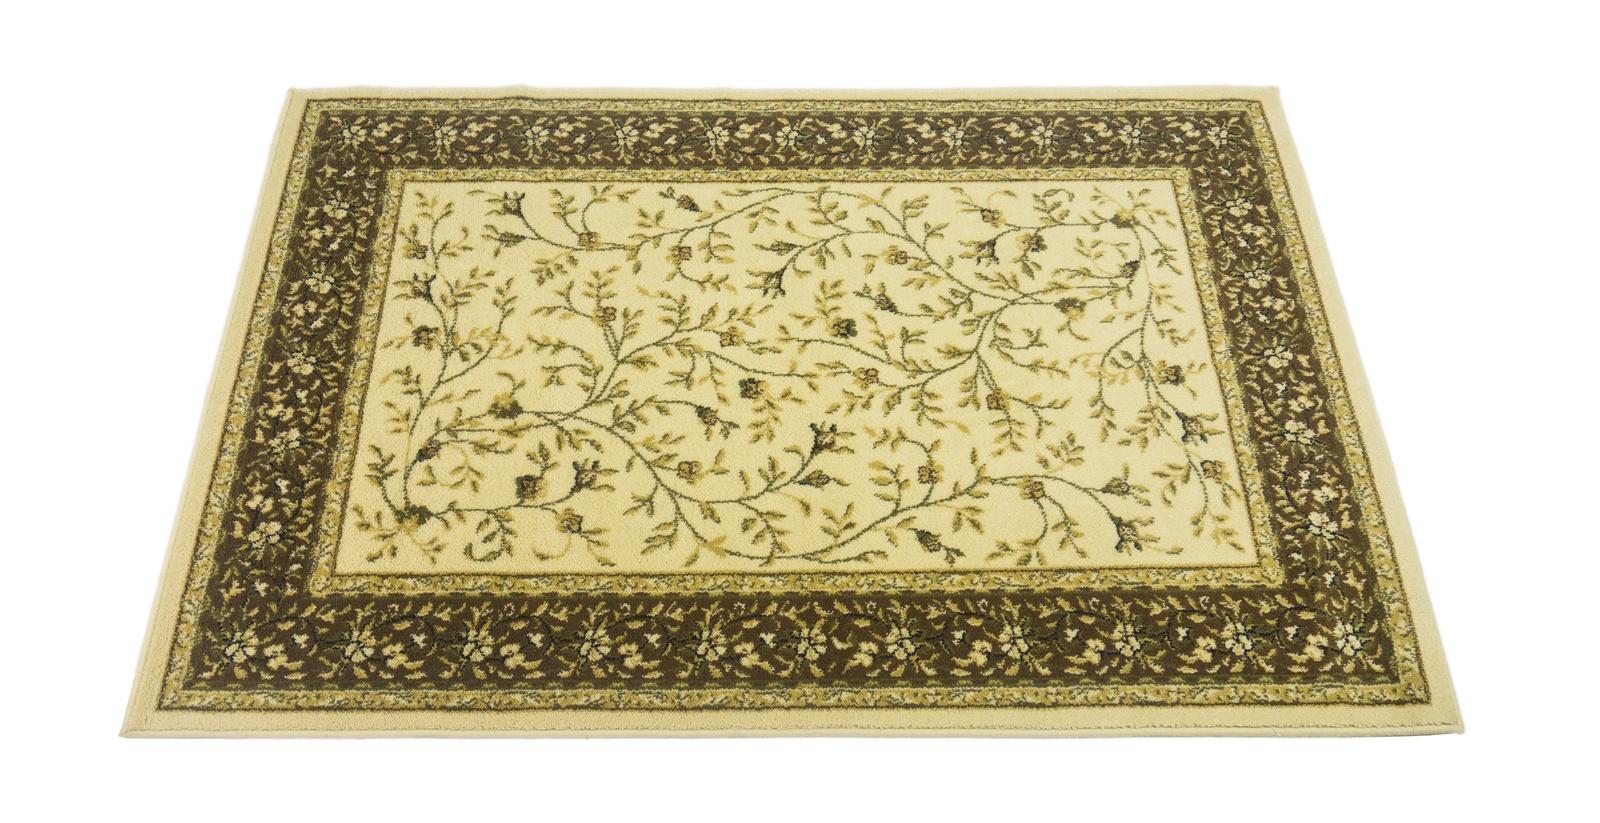 Ковер MADONNA 1,2x1,7 /прямоугольник/852433_2608 1/кремовый/Renaissance/